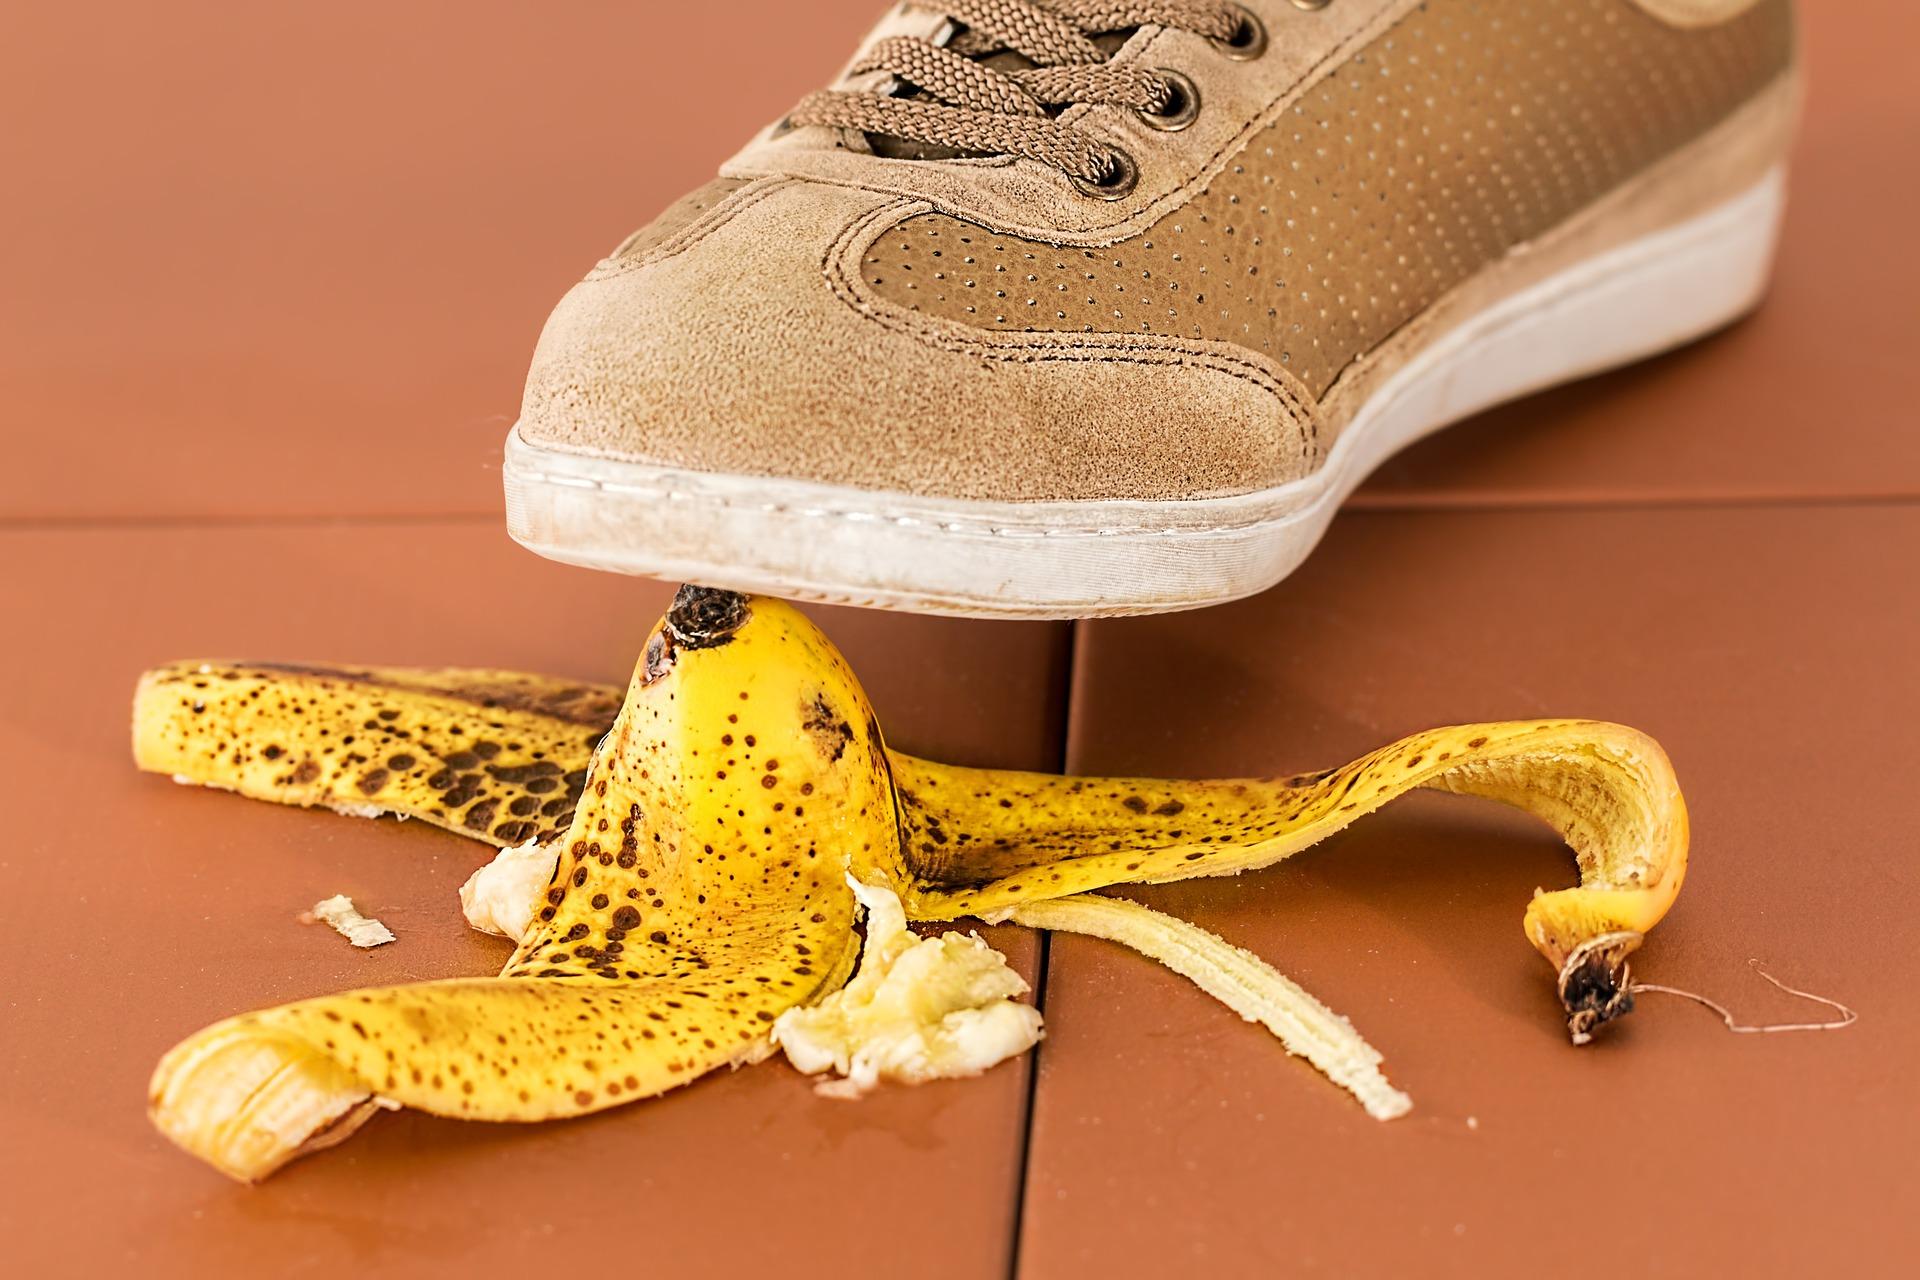 איך להימנע מתאונות עבודה בקרב העובדים?